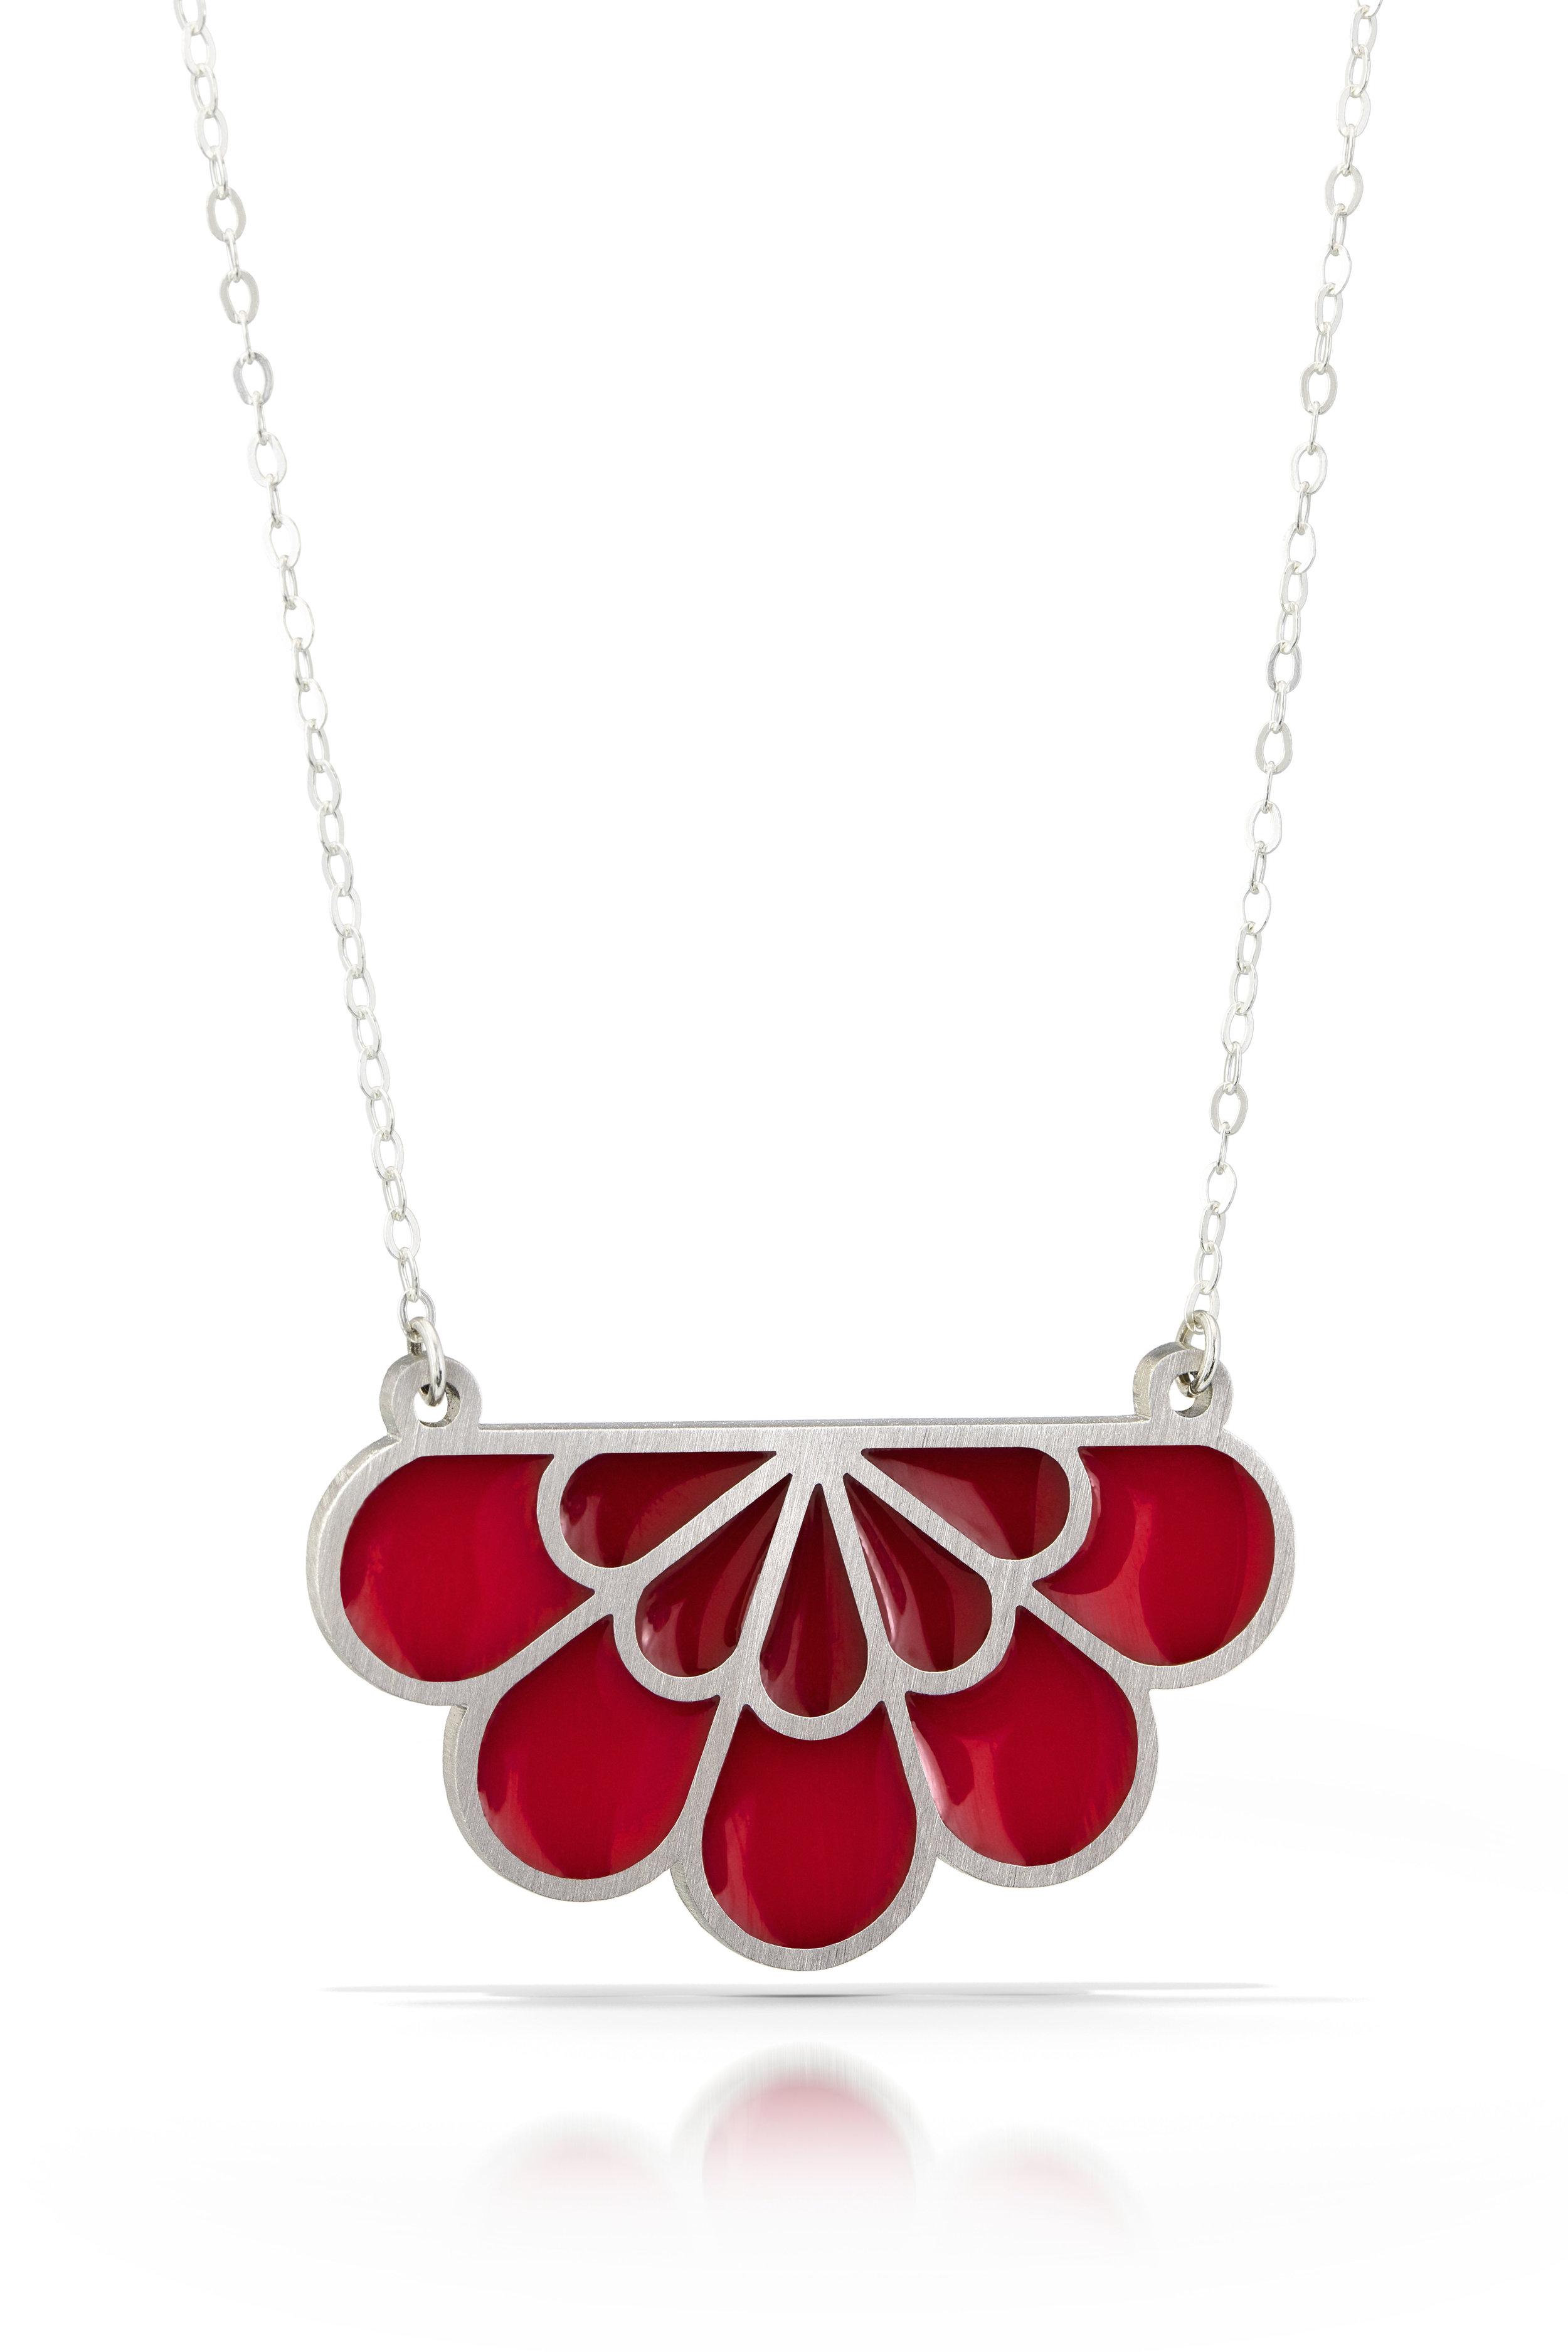 Petals necklace.jpg